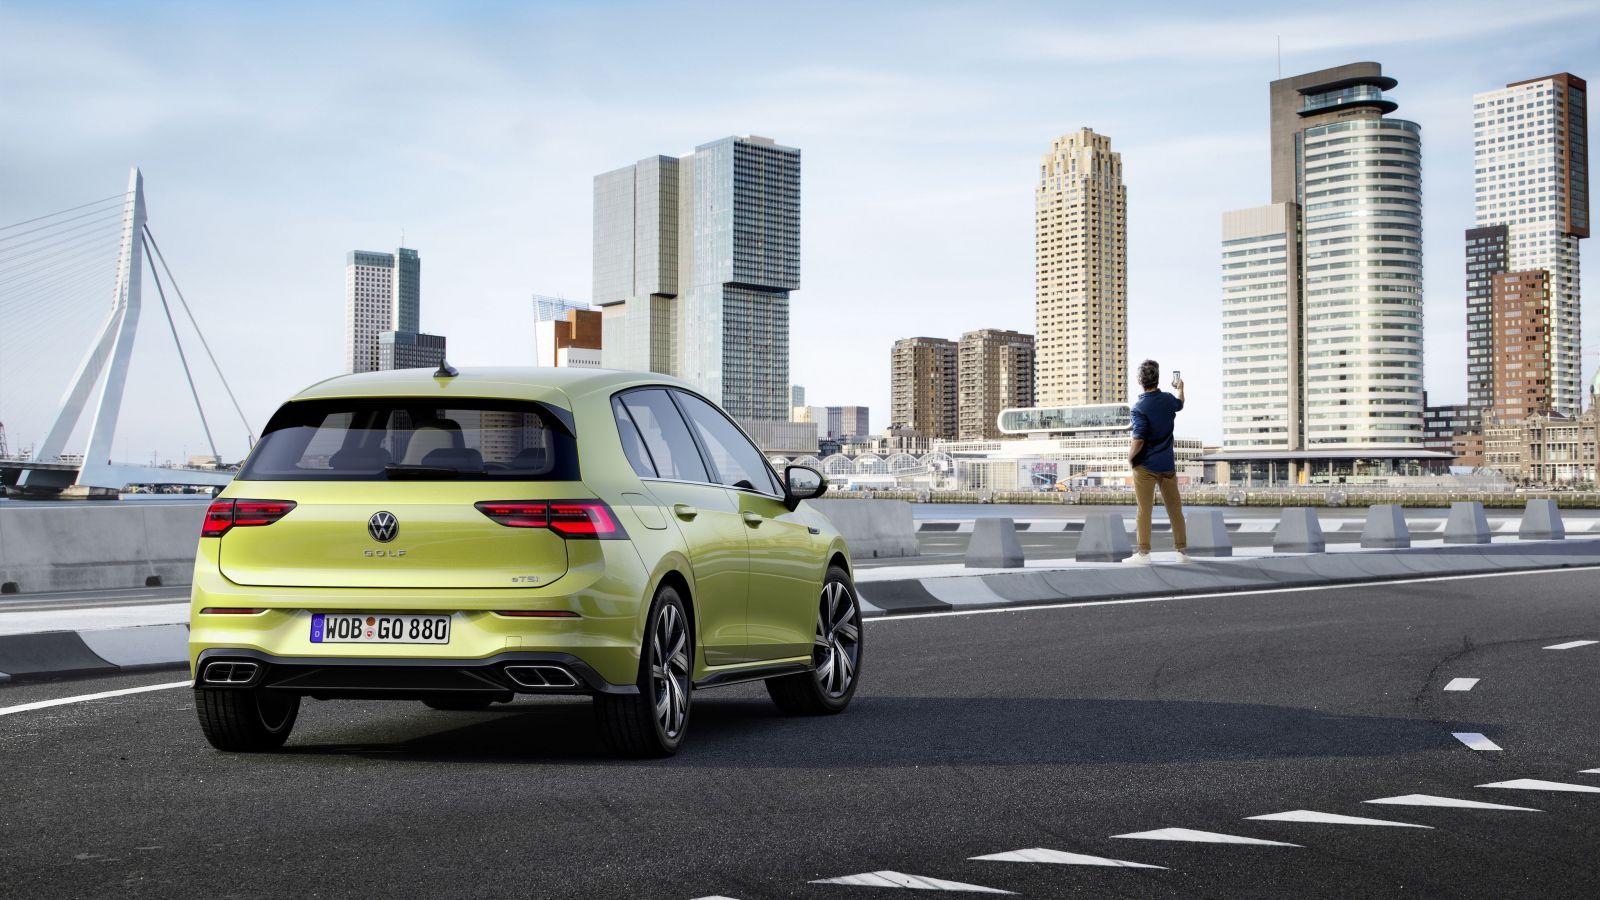 Ikona nižšej strednej triedy prichádza v 8. generácii. Toto je úplne nový Volkswagen Golf